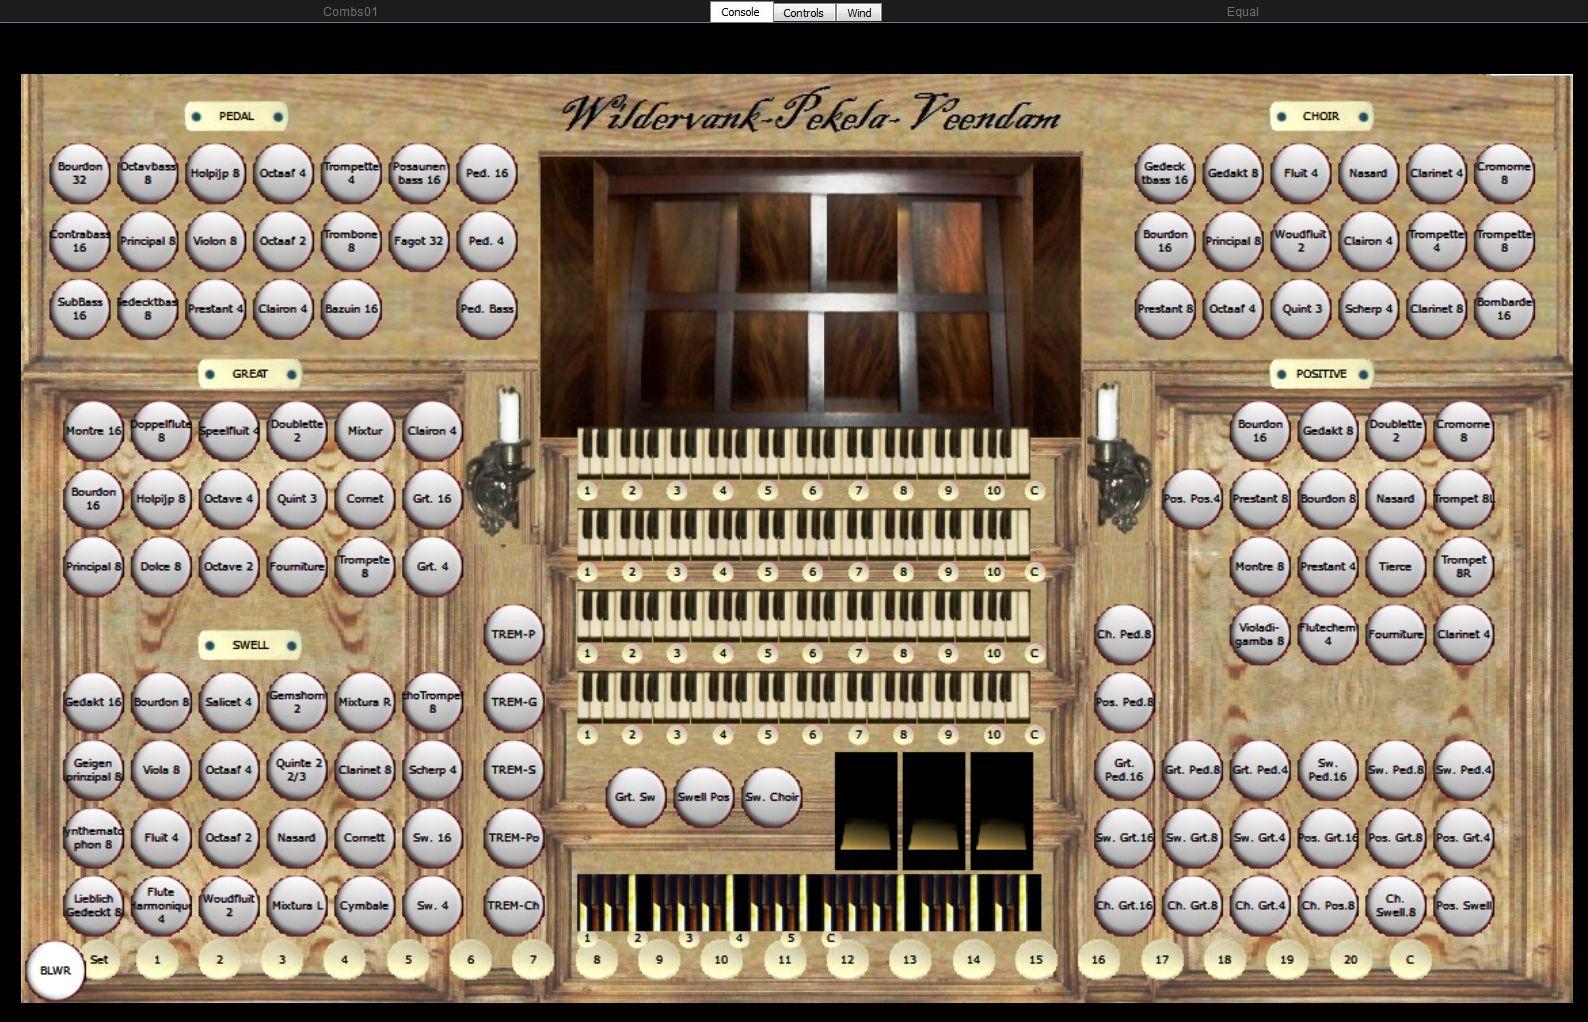 Large organ